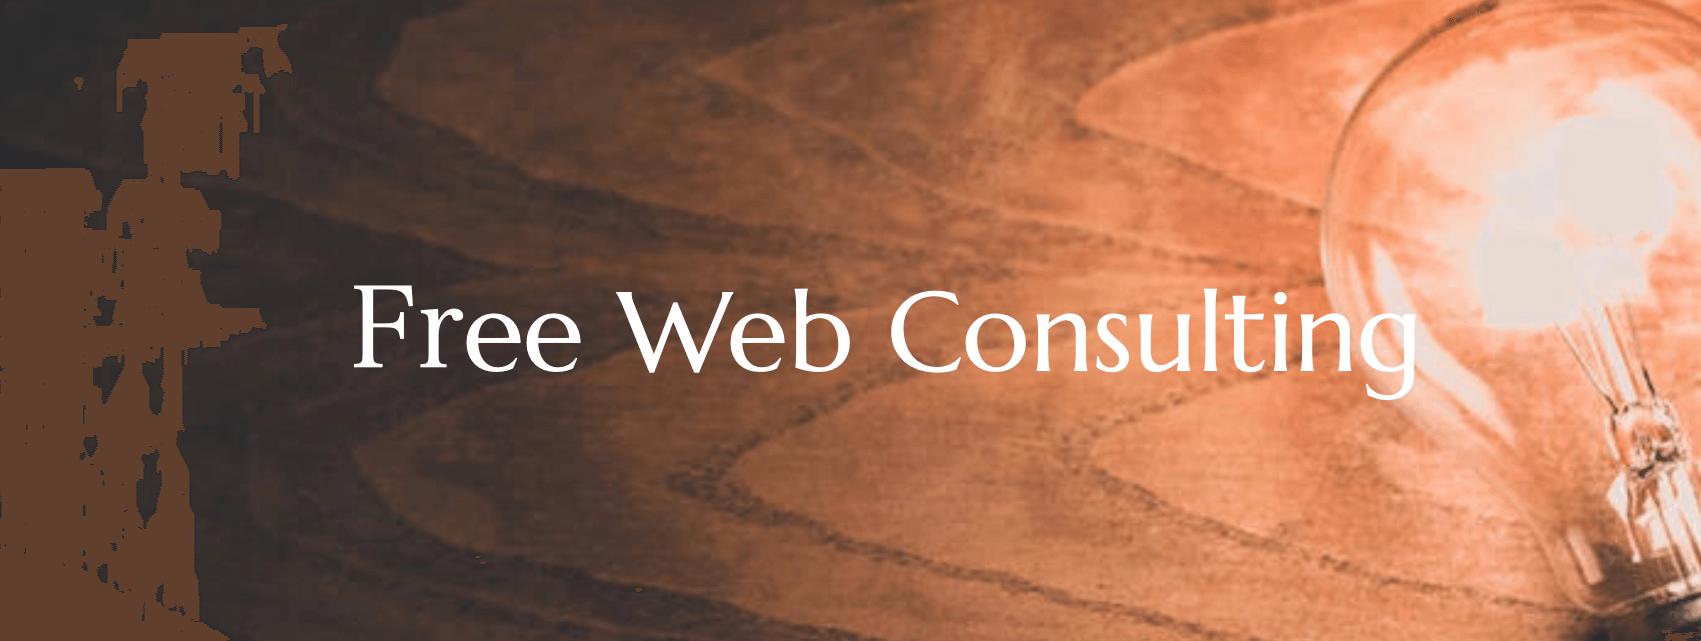 Free Web Consulting 無料のwebコンサルティングサービス